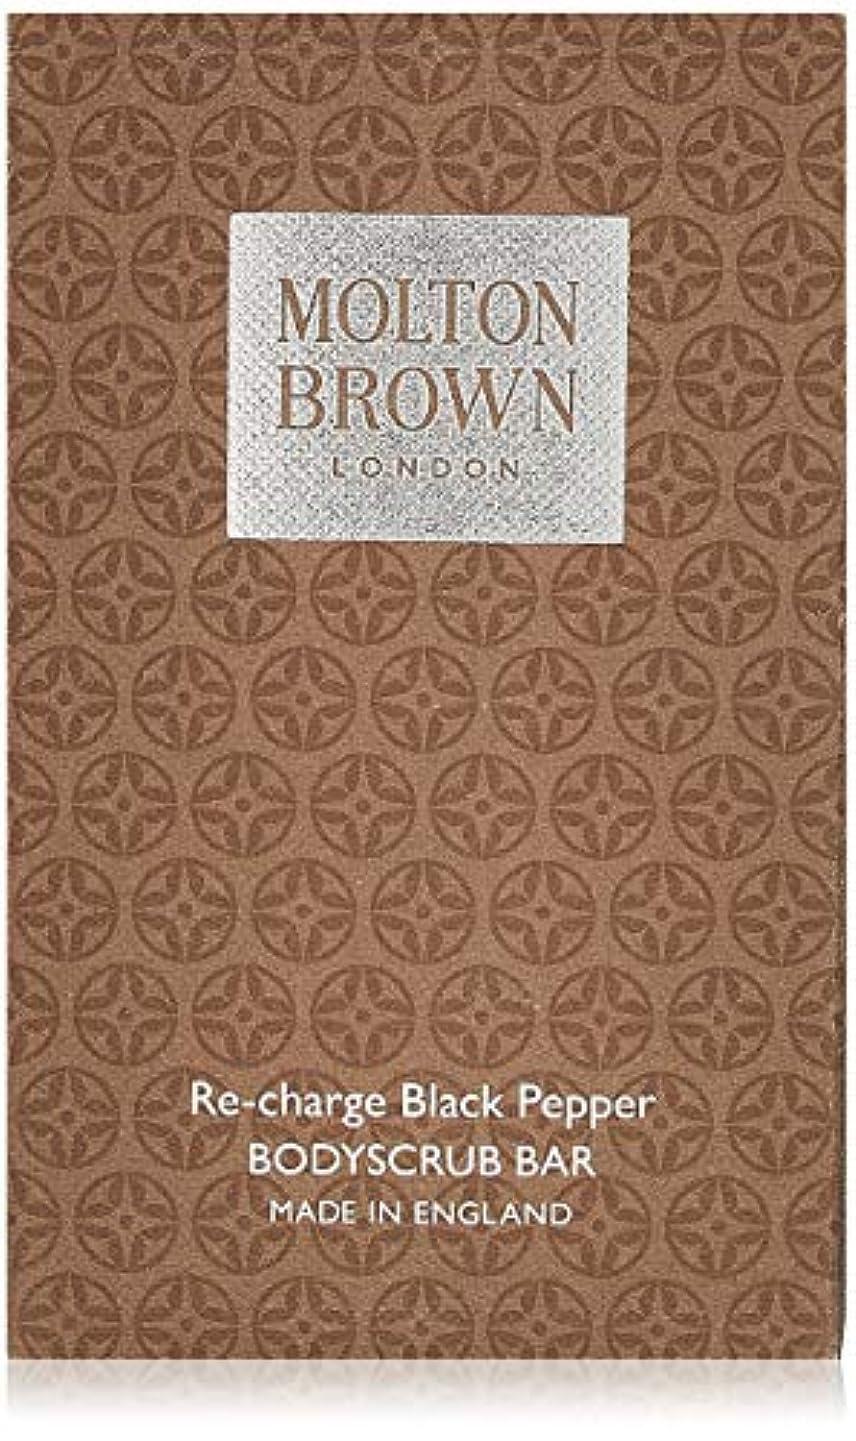 過度に最少奨励しますMOLTON BROWN(モルトンブラウン) ブラックペッパーボディスクラブバー 石鹸 250g